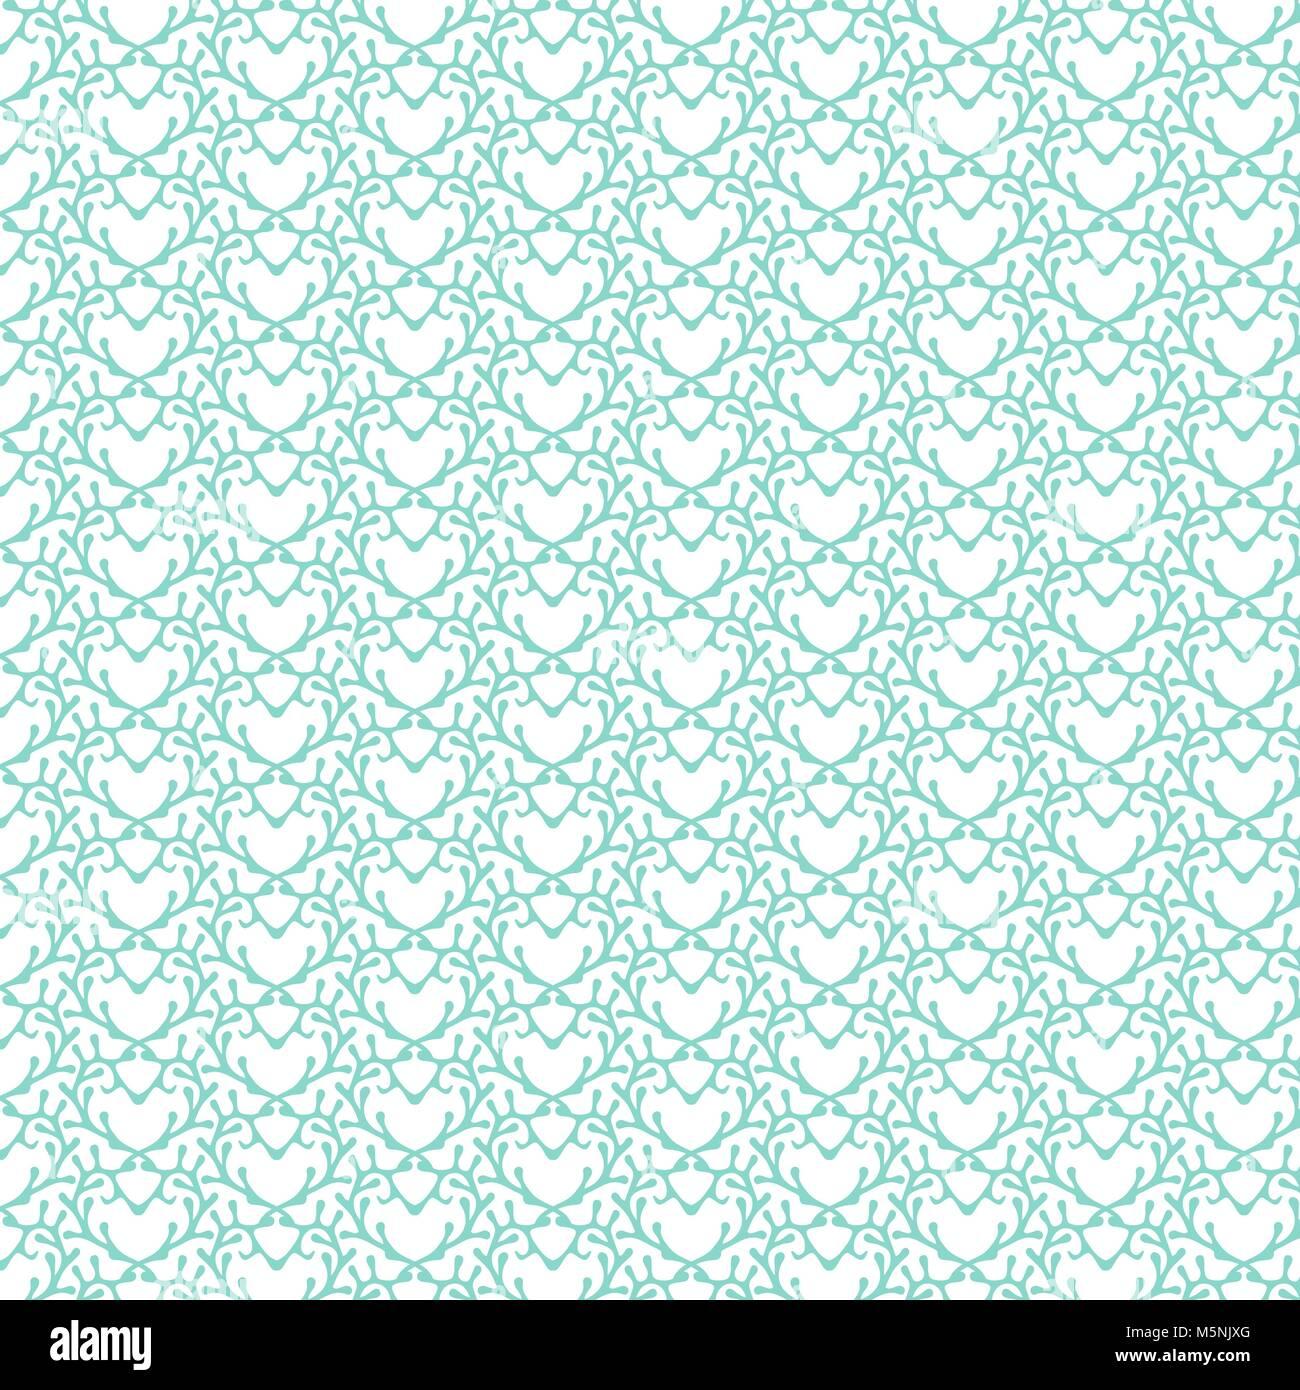 Disegnata a mano ornamenti, blu turchese sfondo astratto, fiori astratta disegnata a mano Immagini Stock